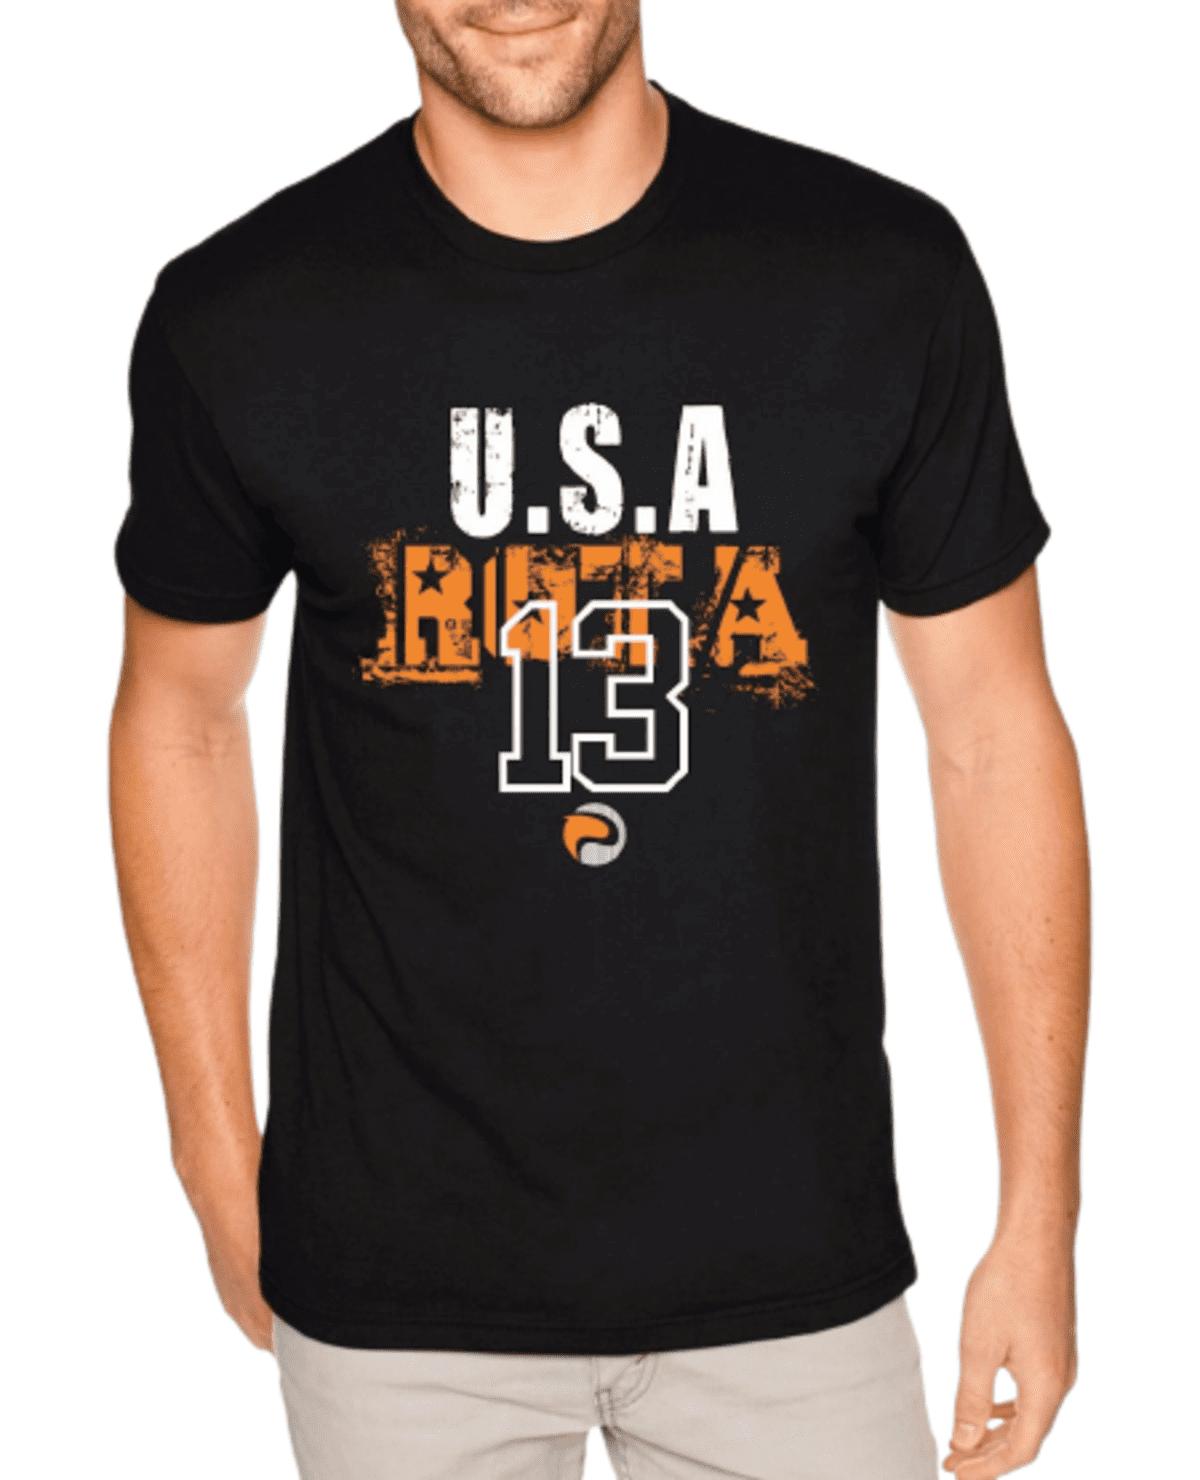 Kit 8 Camiseta Camisa Blusa Masculina Estampada Top Atacado